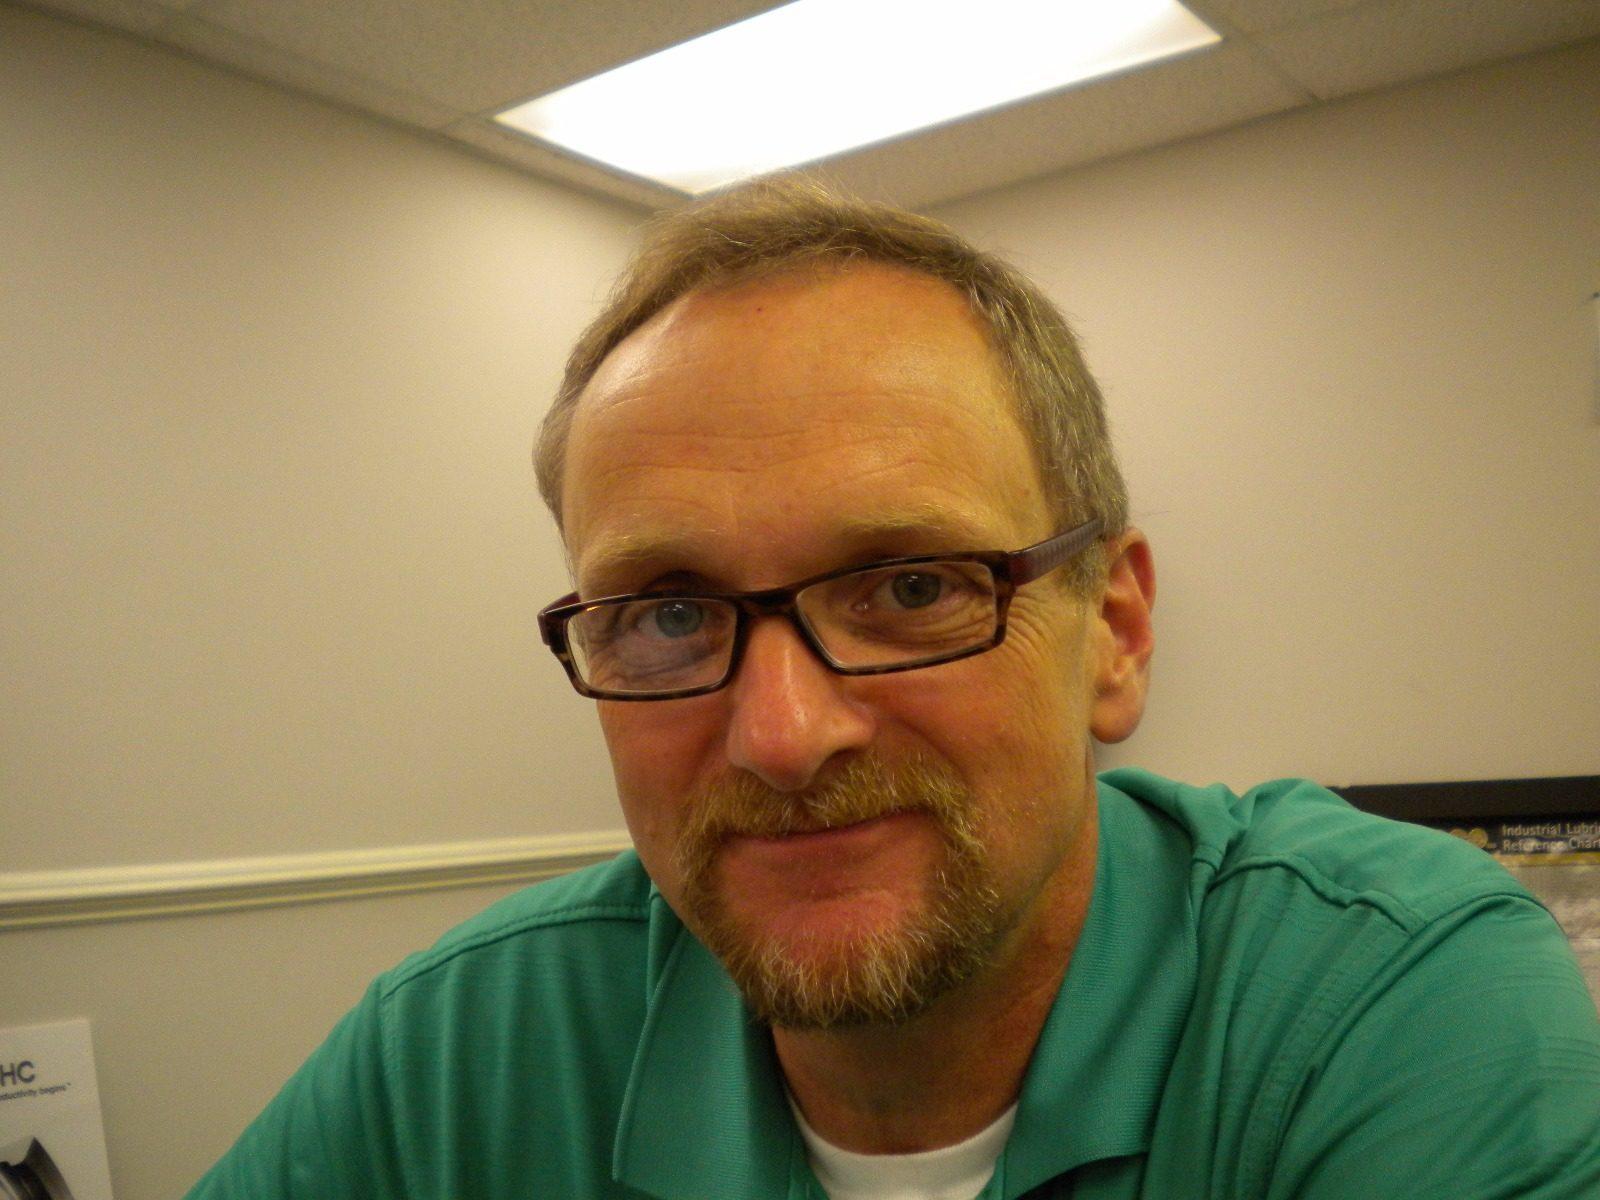 Greg Wyatt, CLS